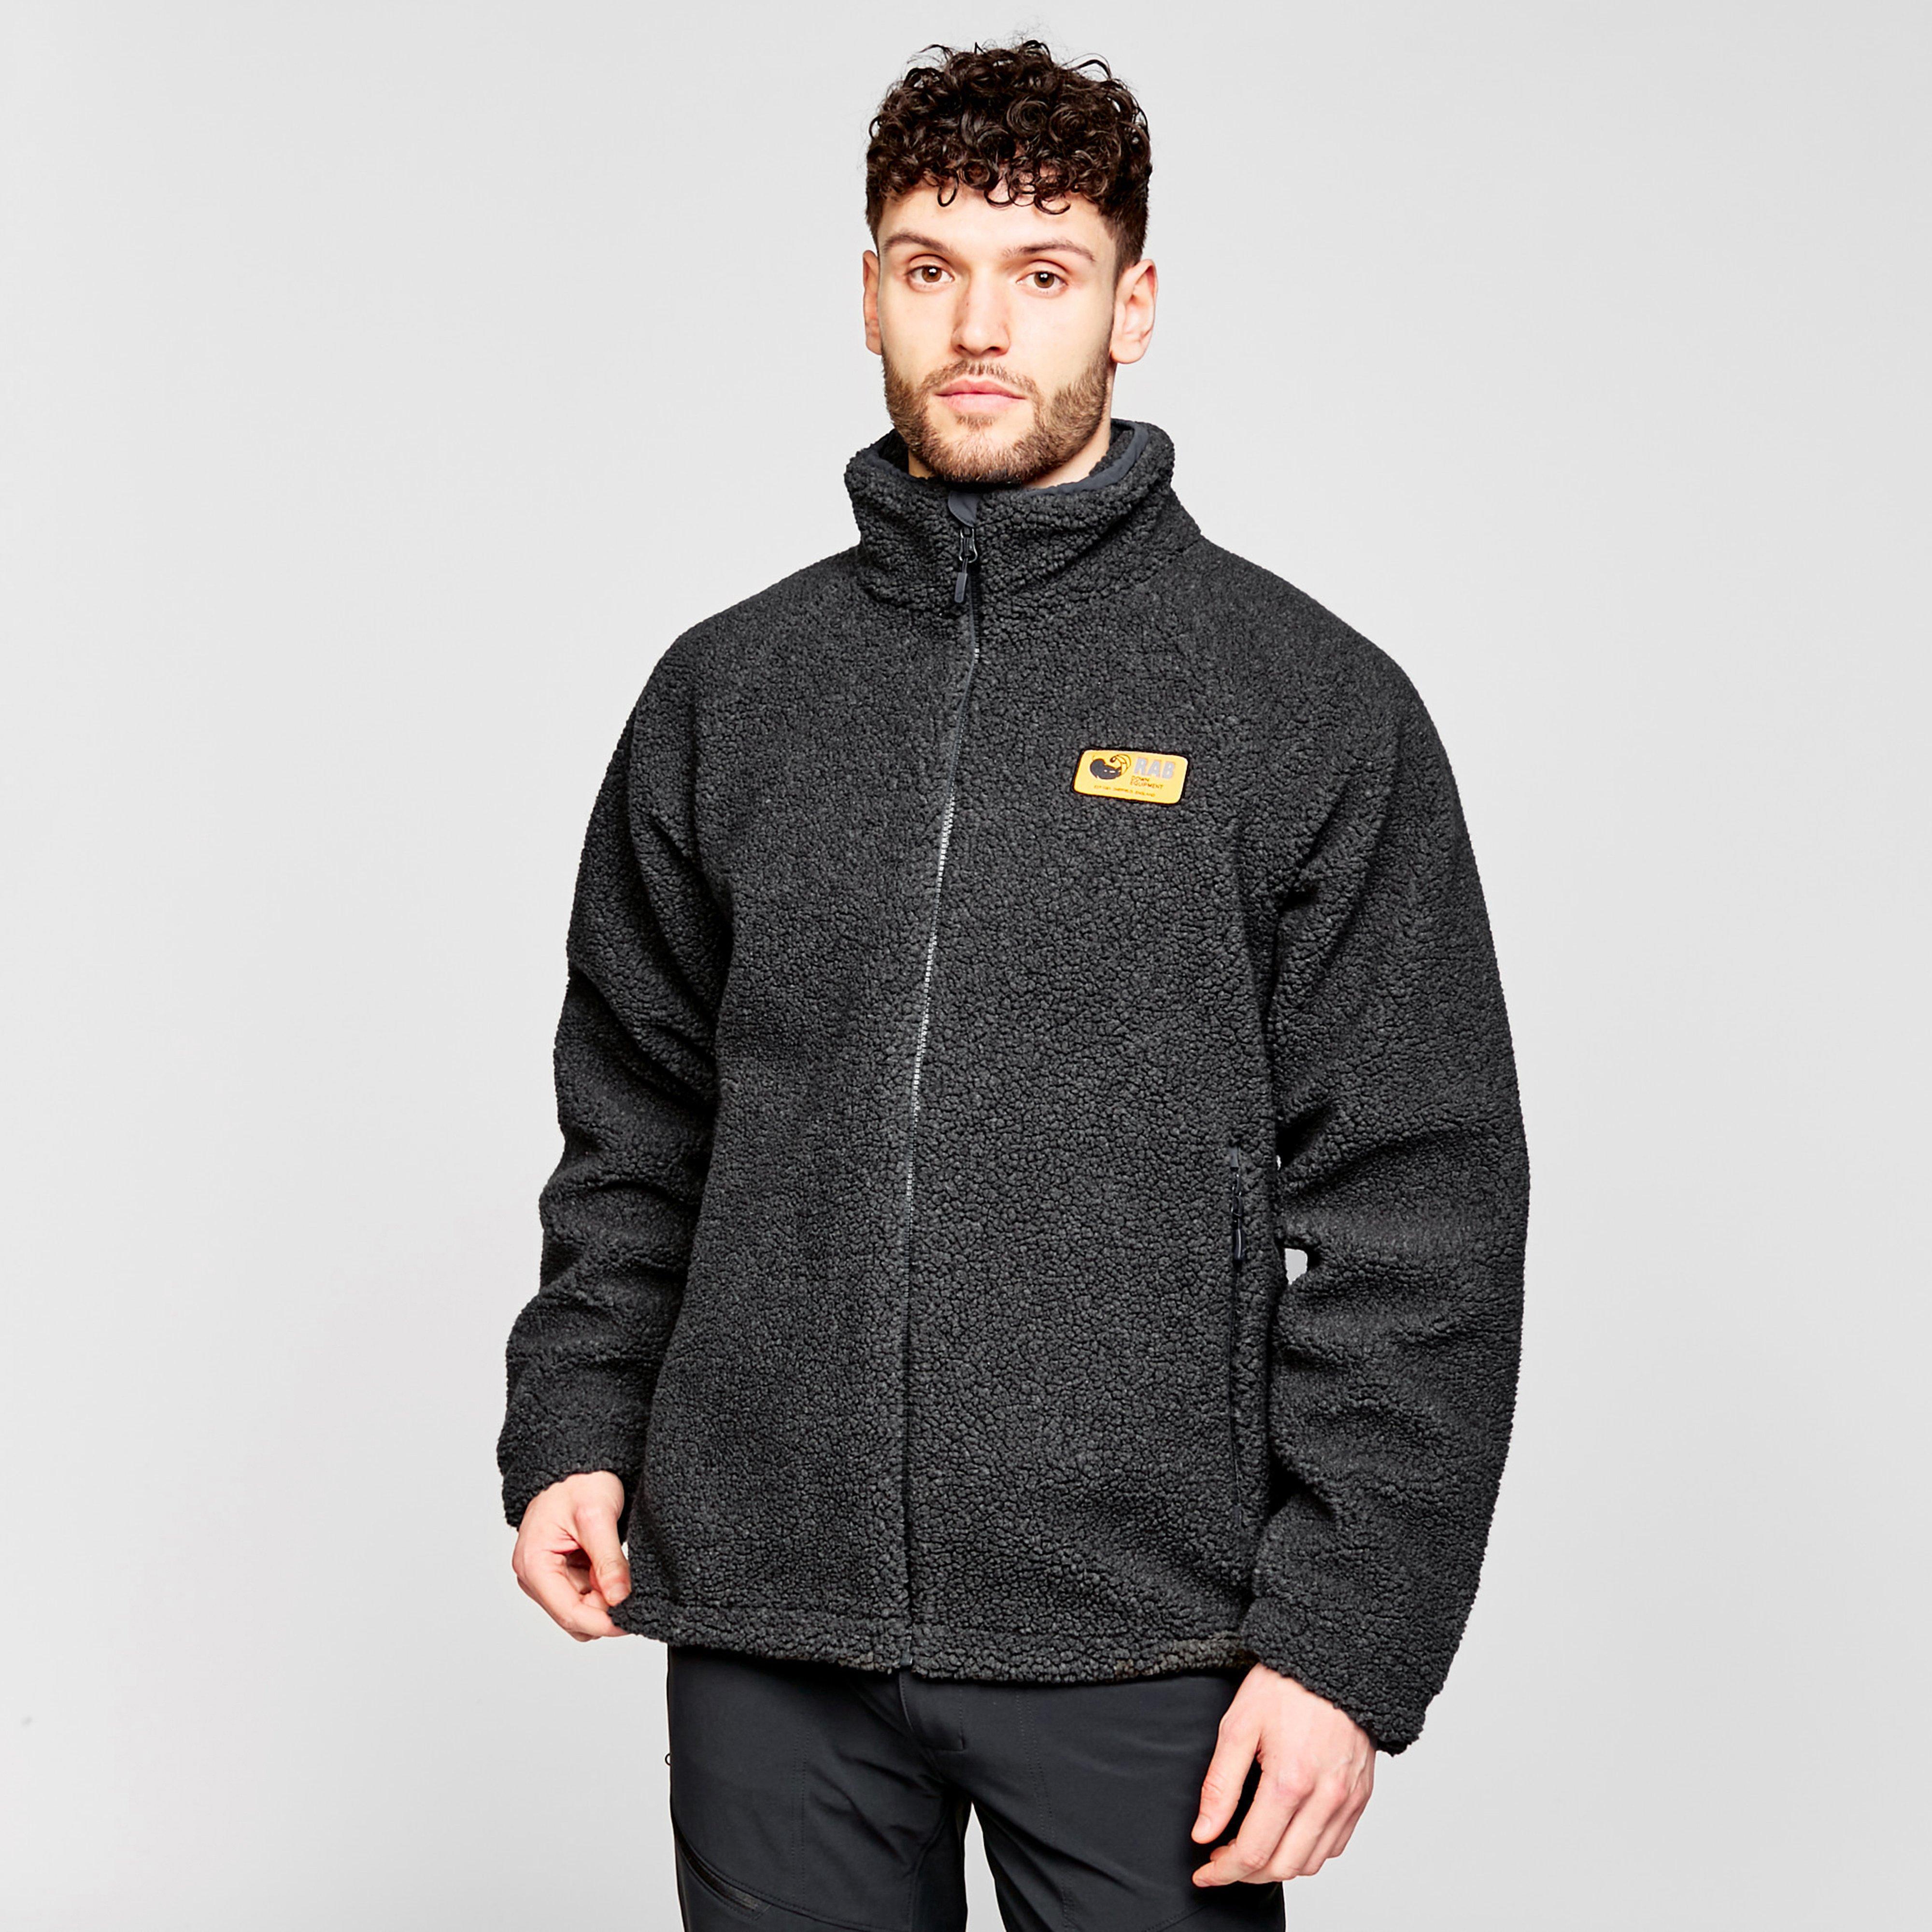 Rab Rab Mens Original Pile Fleece Jacket - N/A, N/A